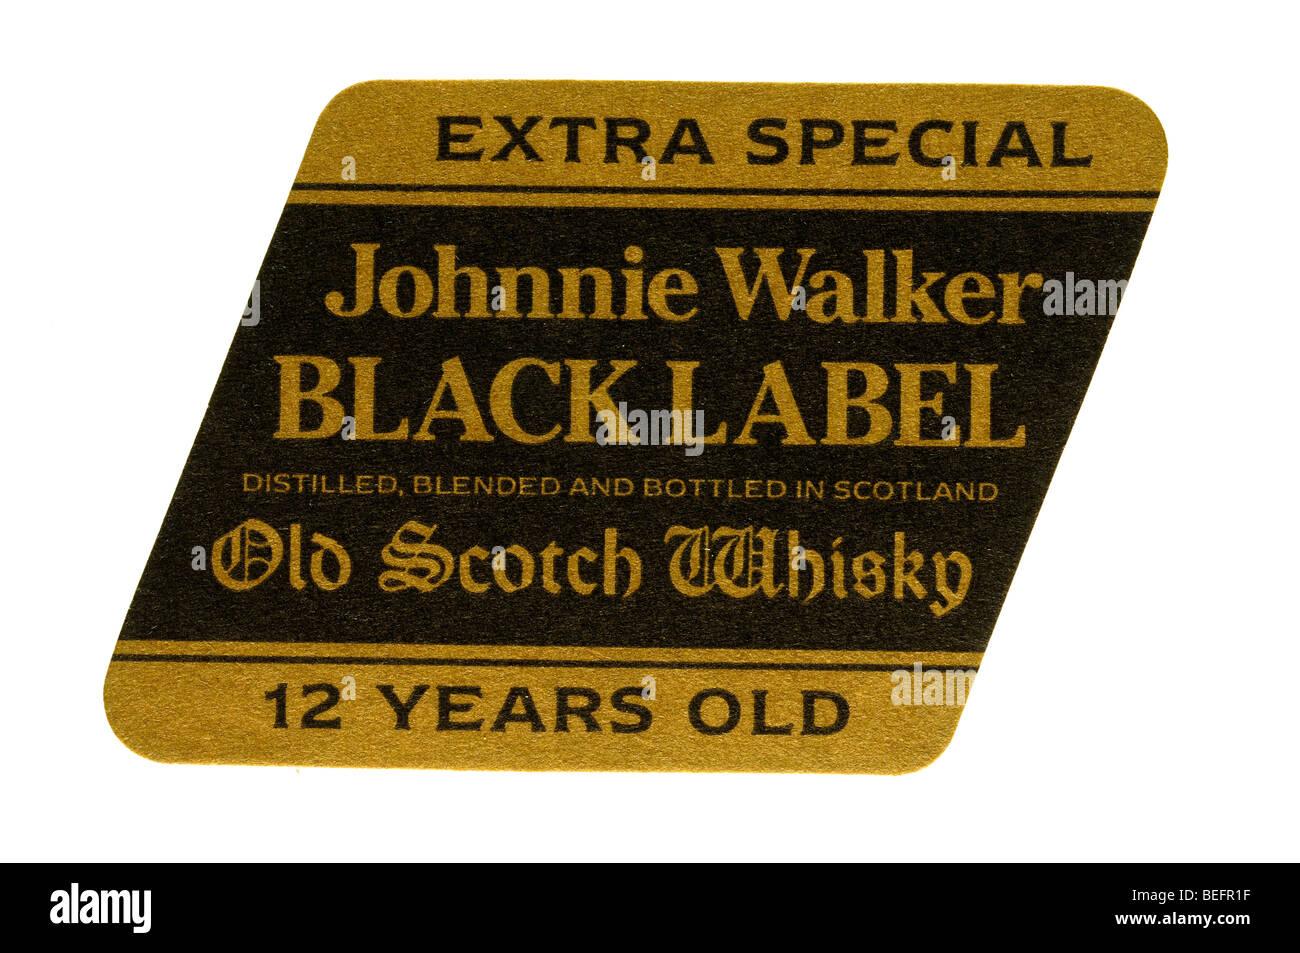 Extra Special Johnnie Walker Black Label Distilled Blended